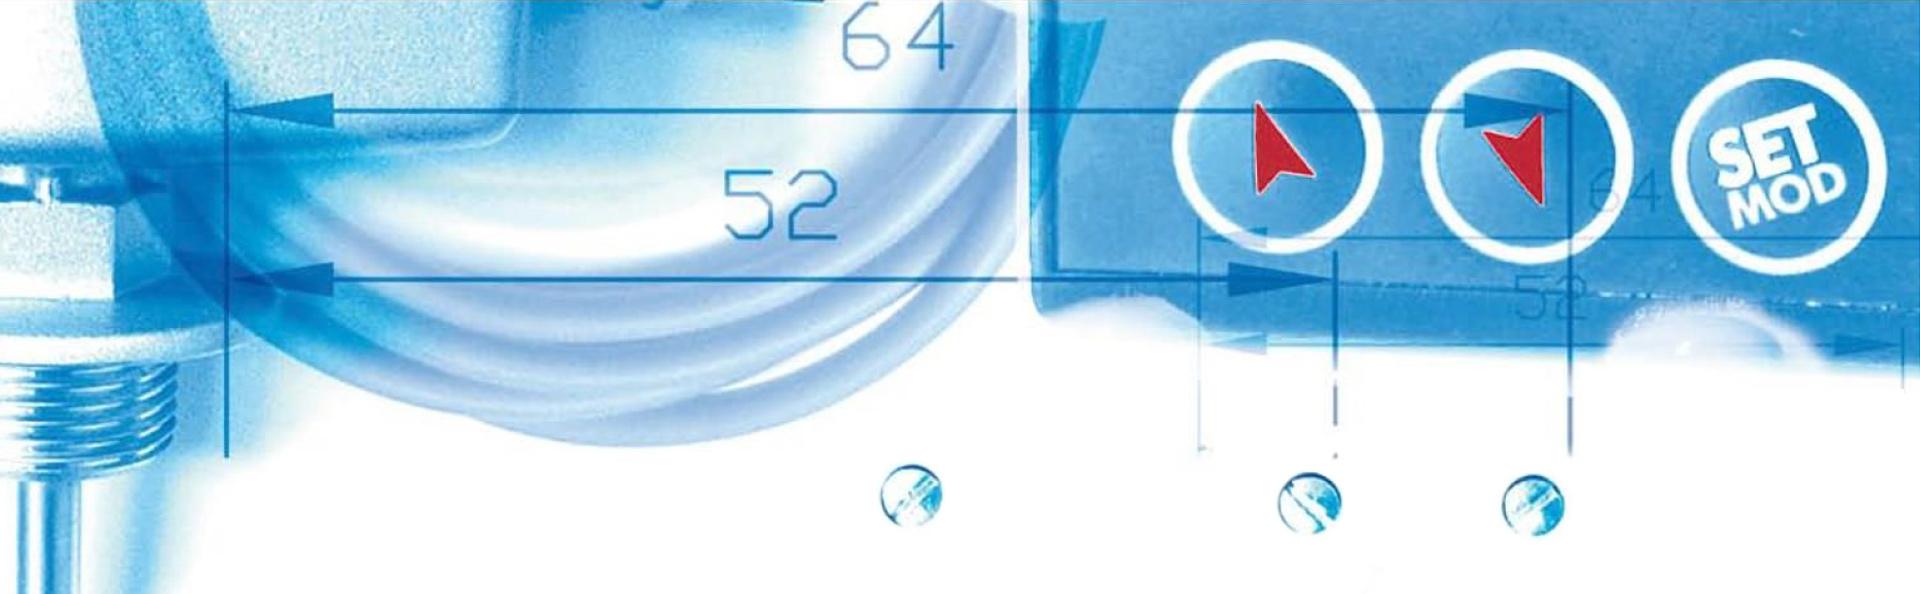 Unsere Produktkatalog: Temperaturfühler, Temperaturregler und Zubehör